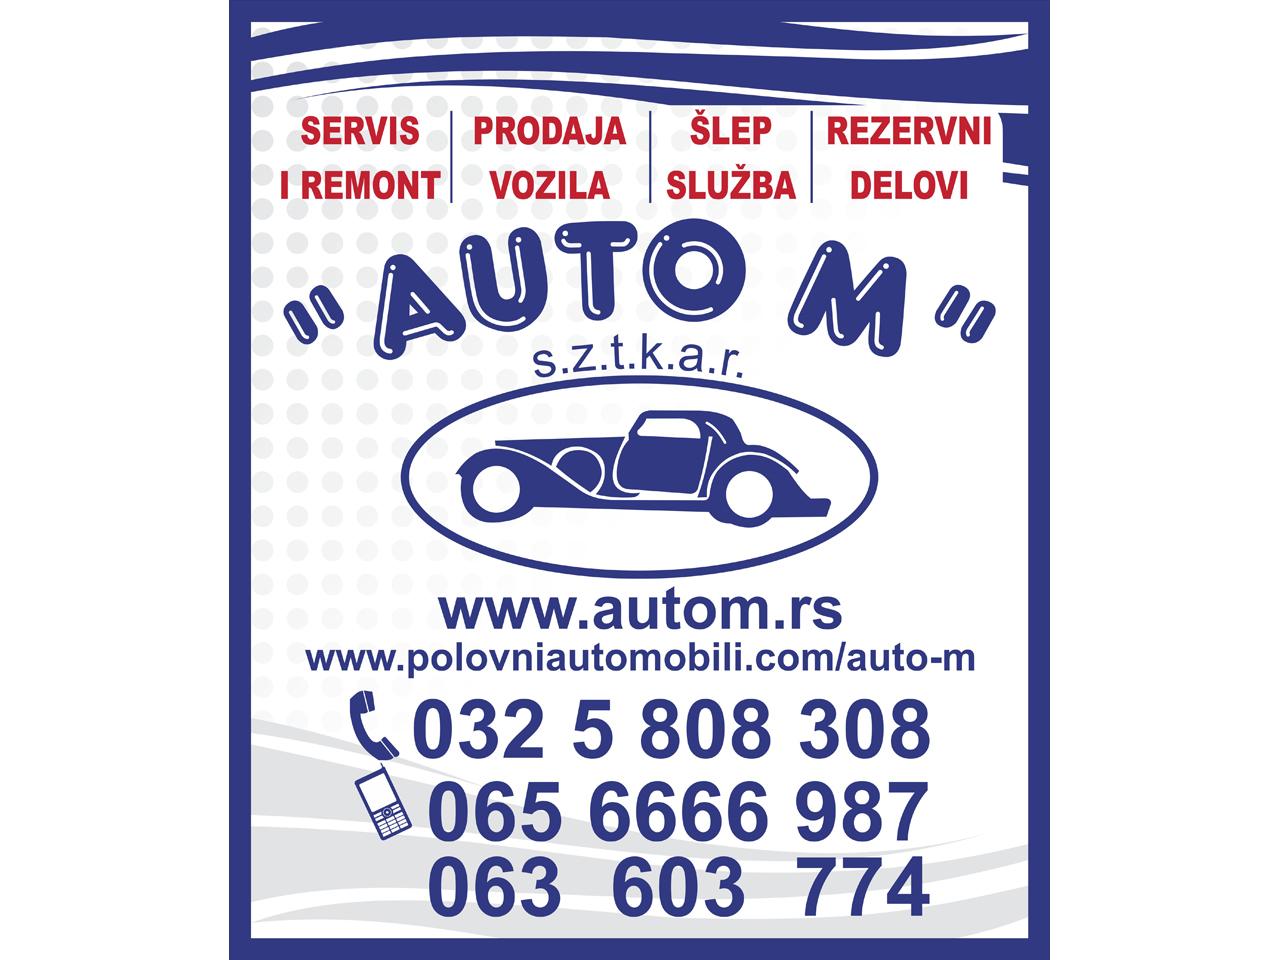 AUTO OTPAD AUTO M Auto placevi Čačak